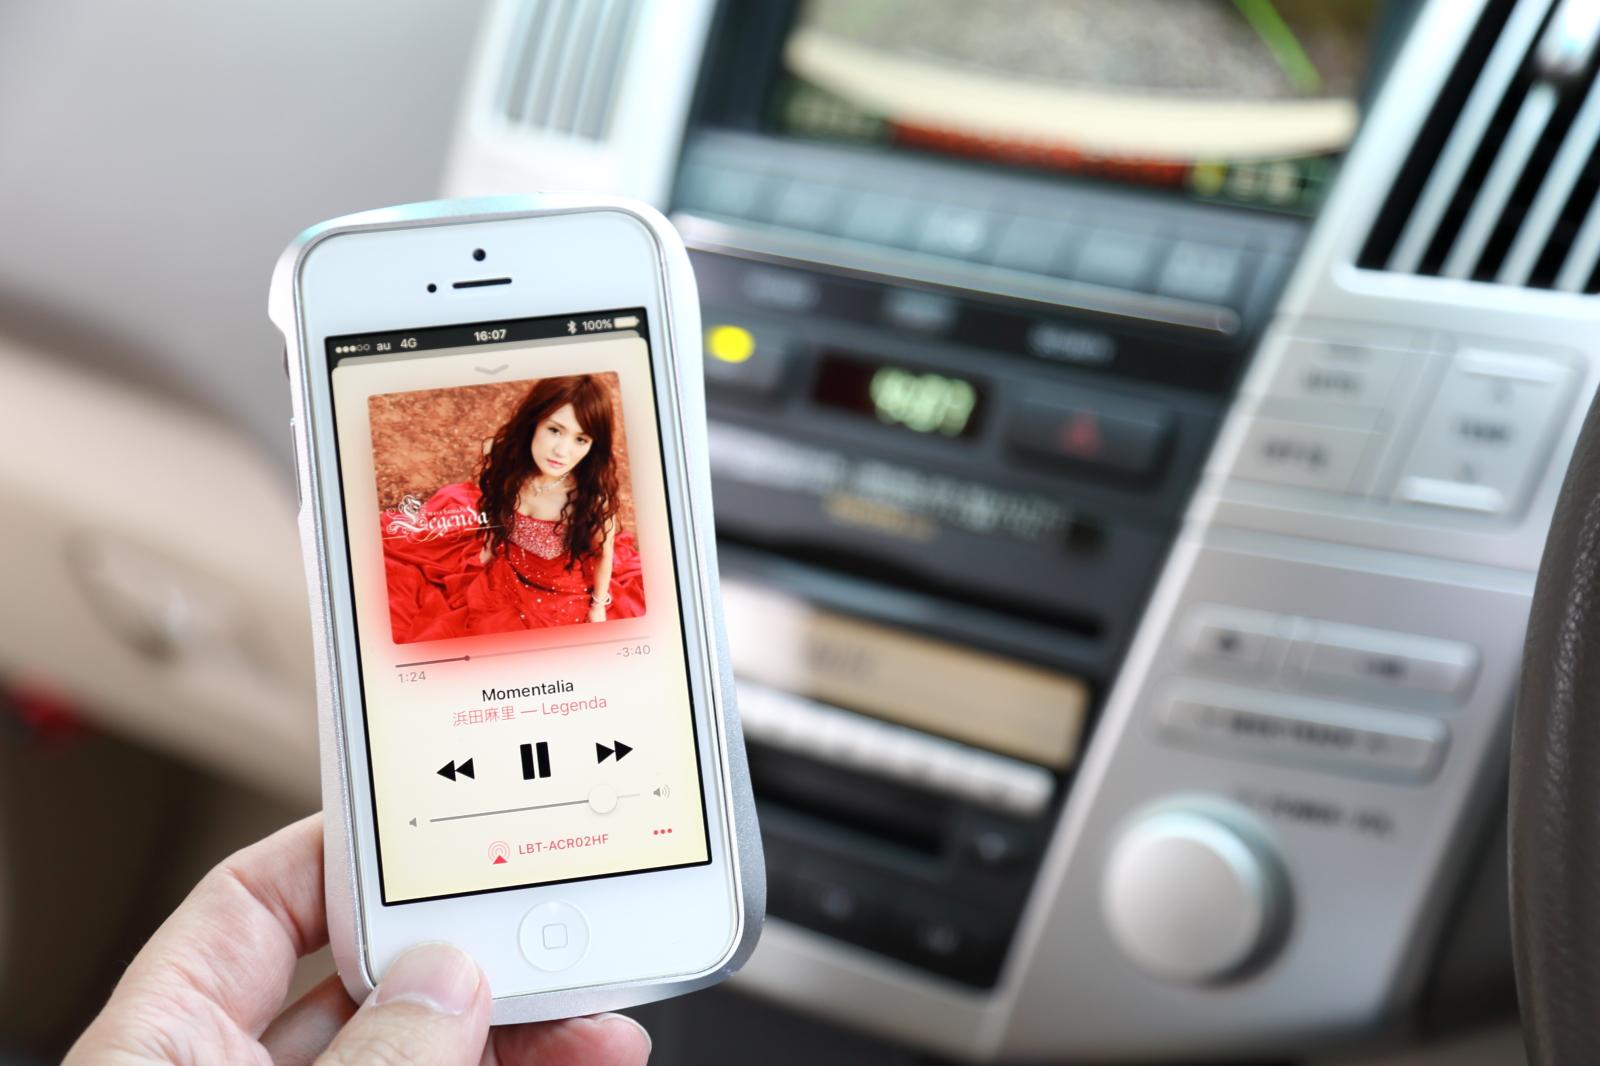 iPhoneの音楽プレイヤー